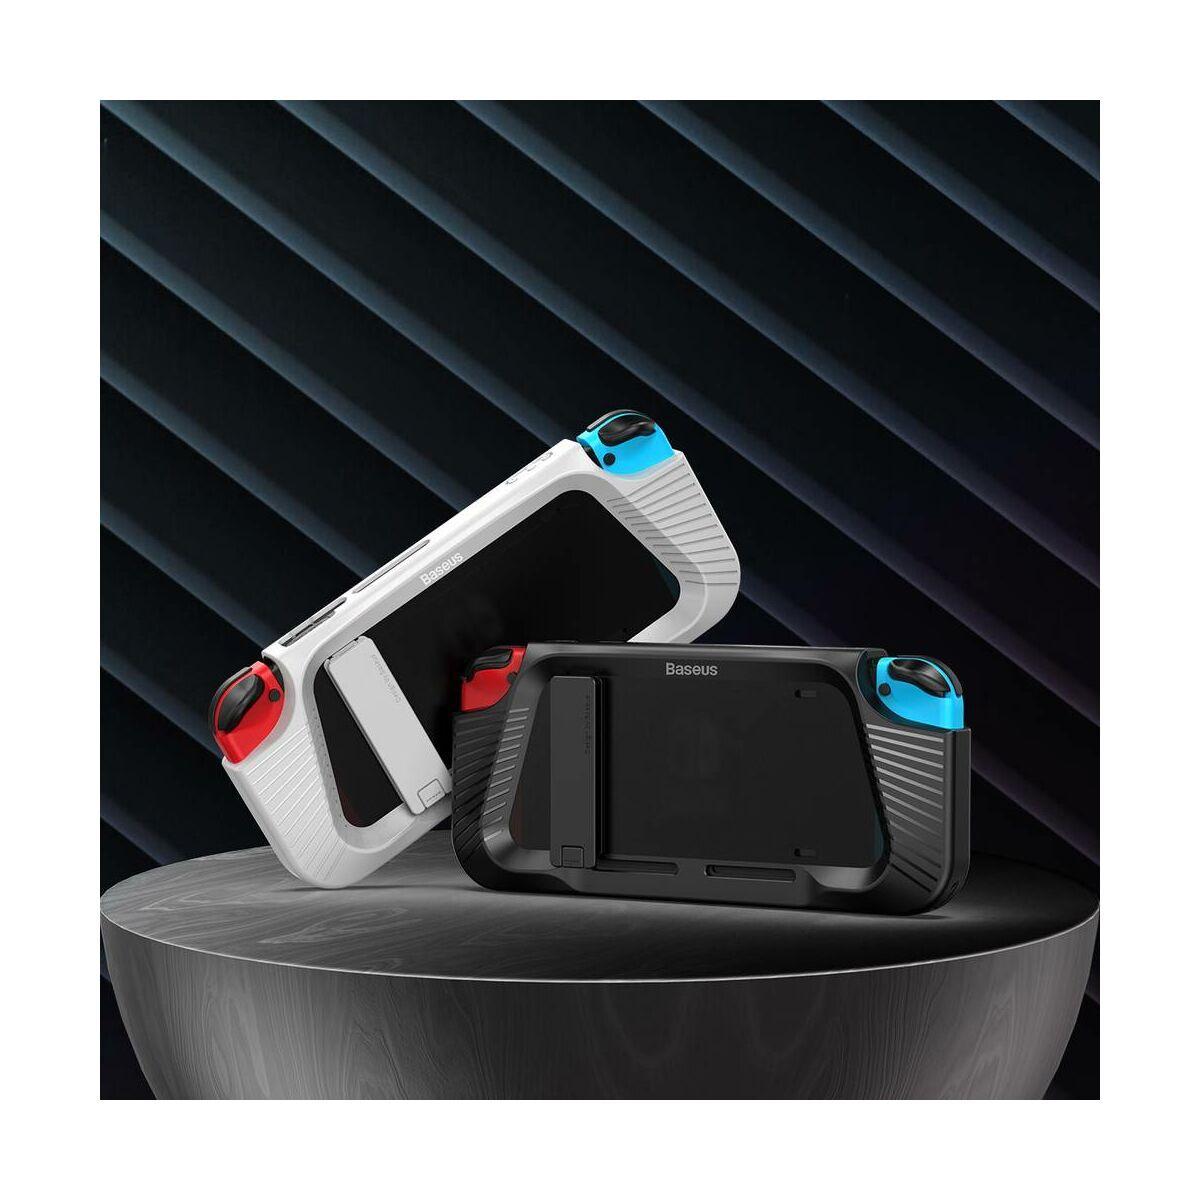 Baseus játék eszköz, Nintendo Switch SW ütésálló konzol védőtok GS02, szürke (WISWGS02-0G)